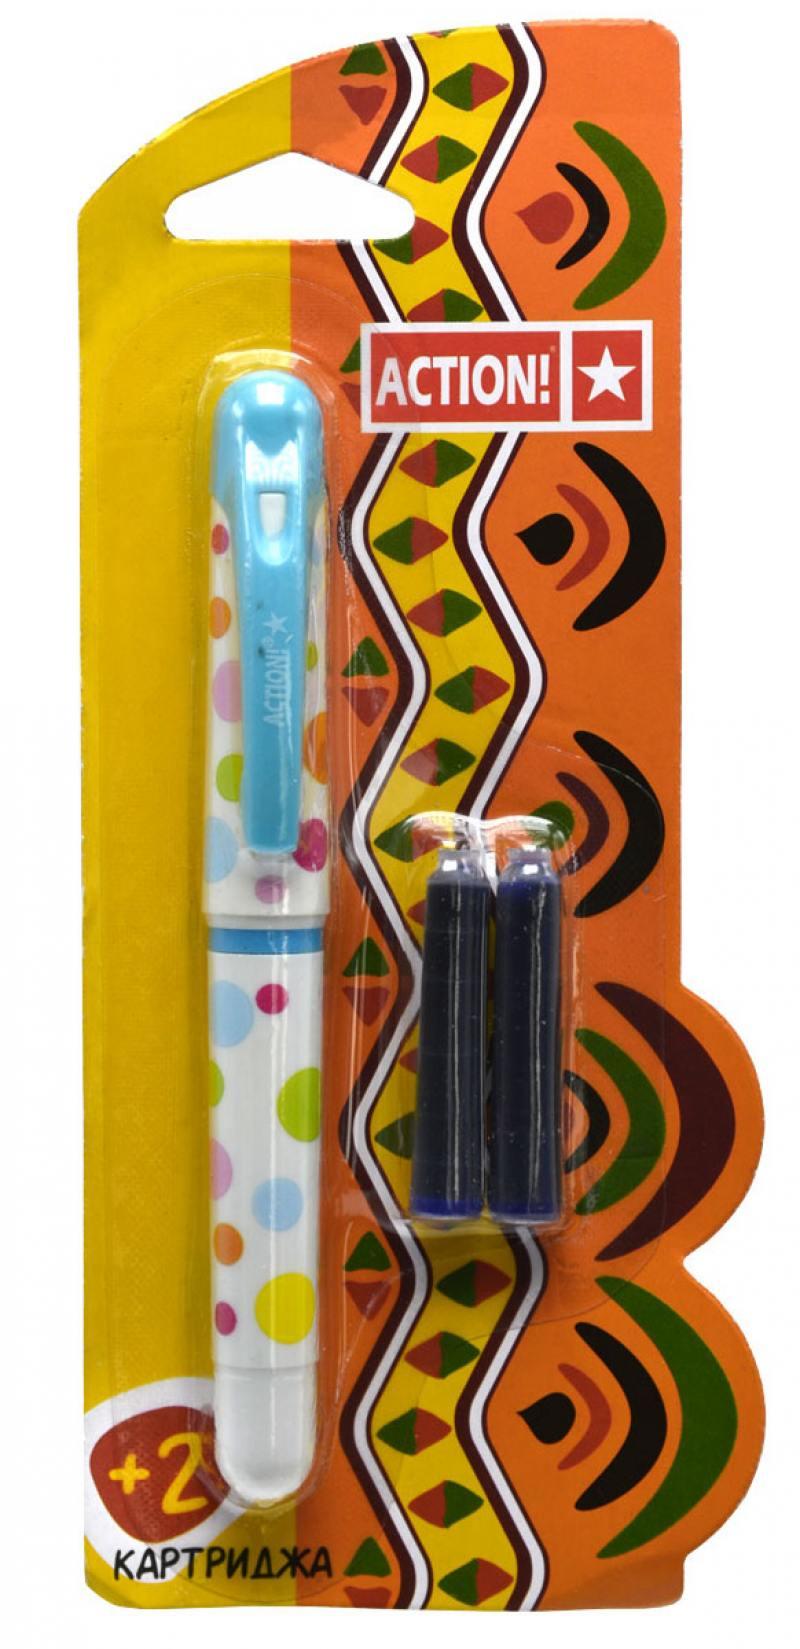 Перьевая ручка ACTION!, син. чернила, 2 картриджа в комплекте, блистер ручка шариковая flair air balance син в блистере f 872 син